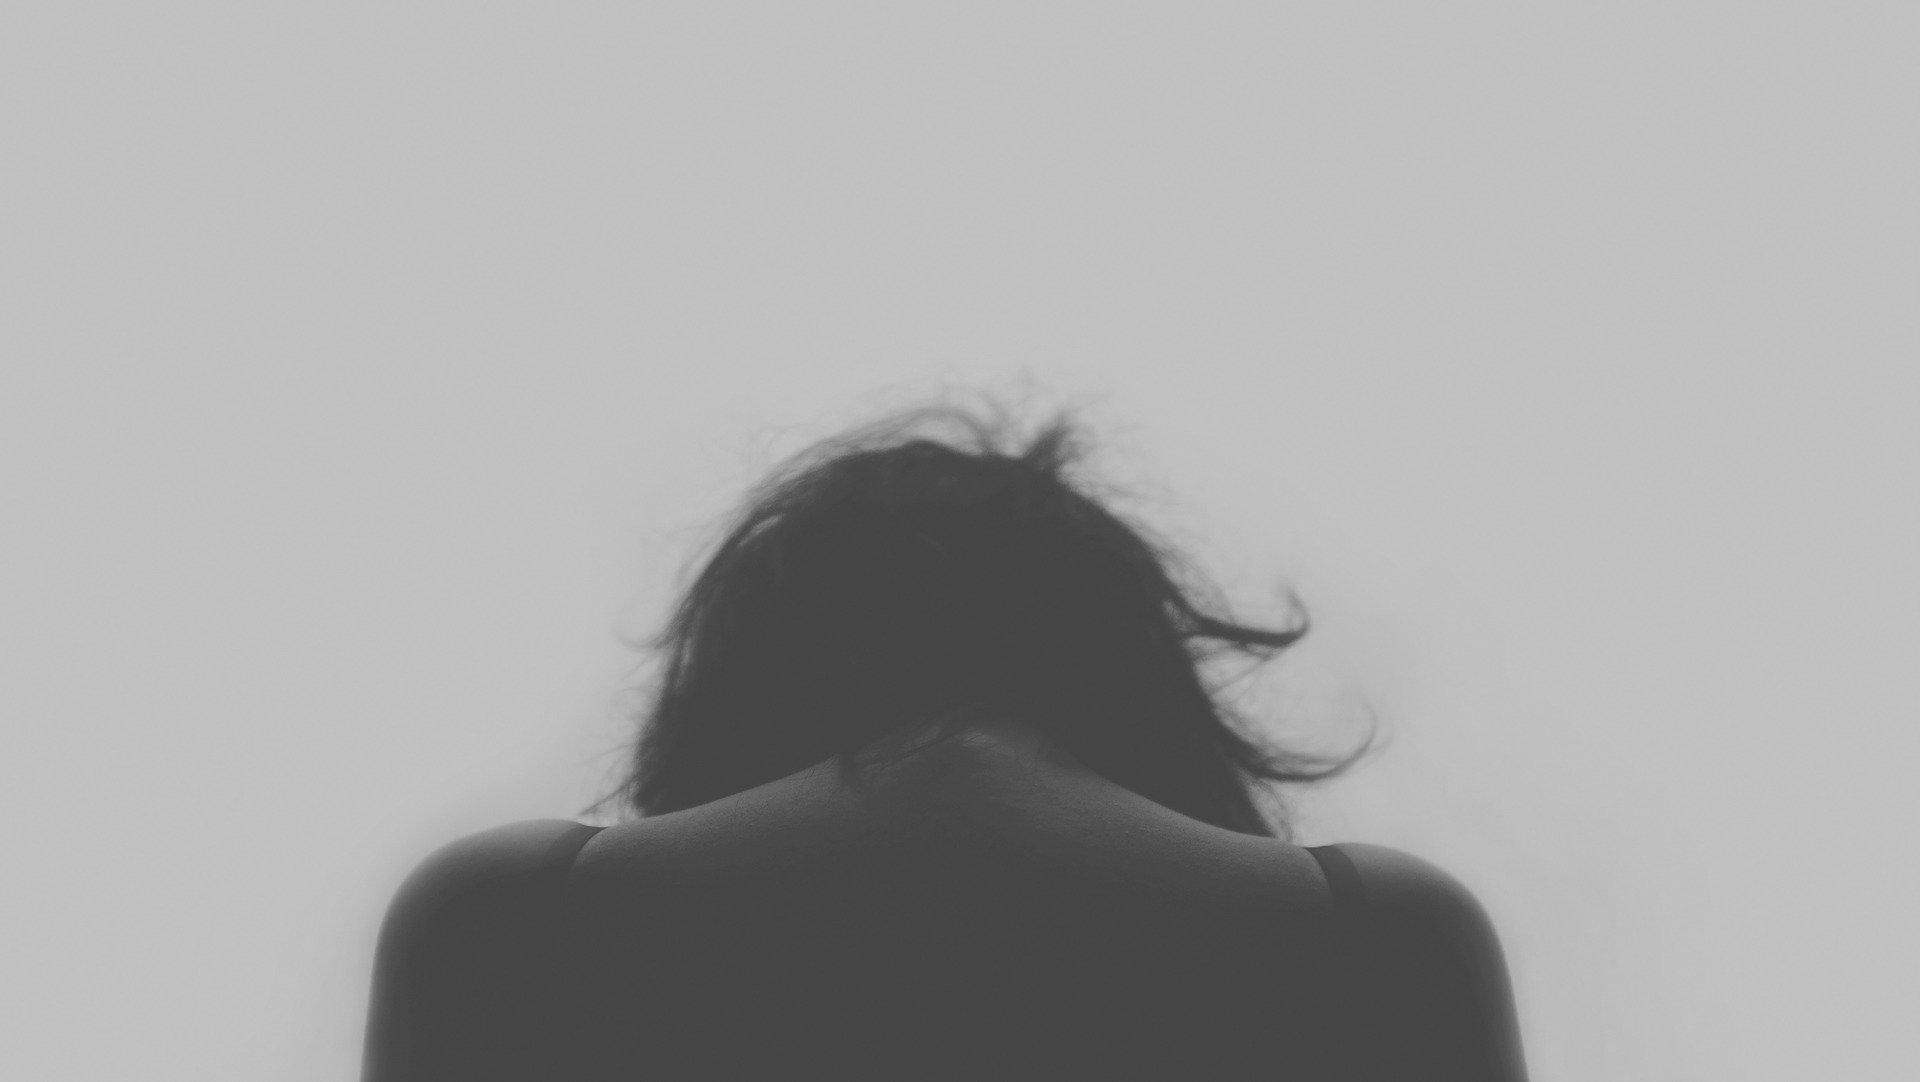 Violencia contra a mulher Free-Photos por Pixabay